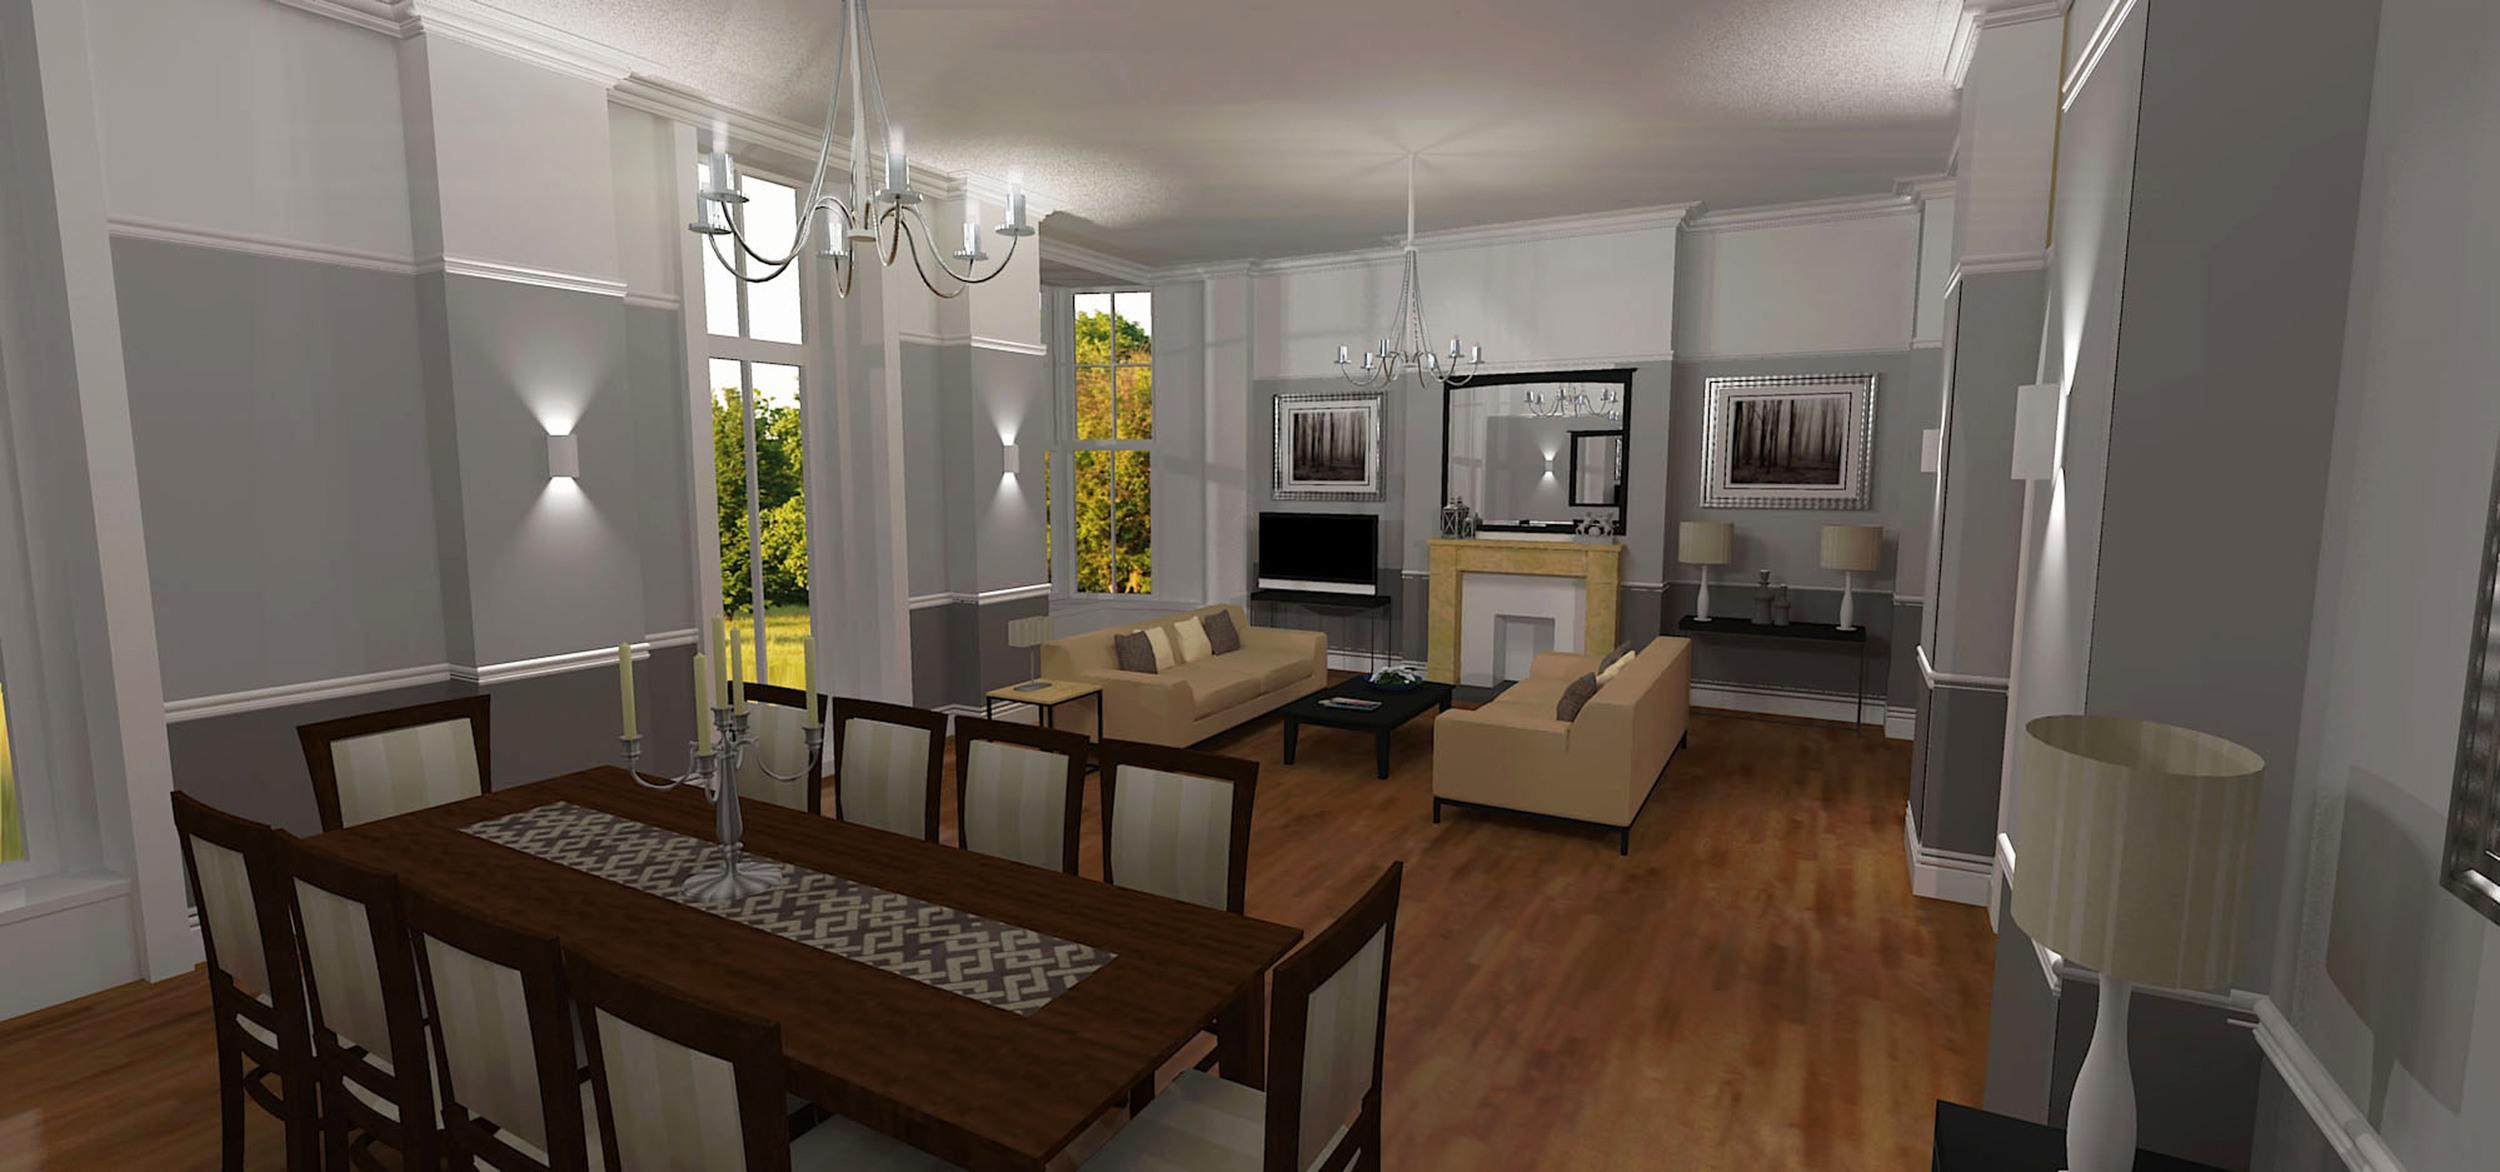 plot 5 living room_Scene 3b copy.jpg